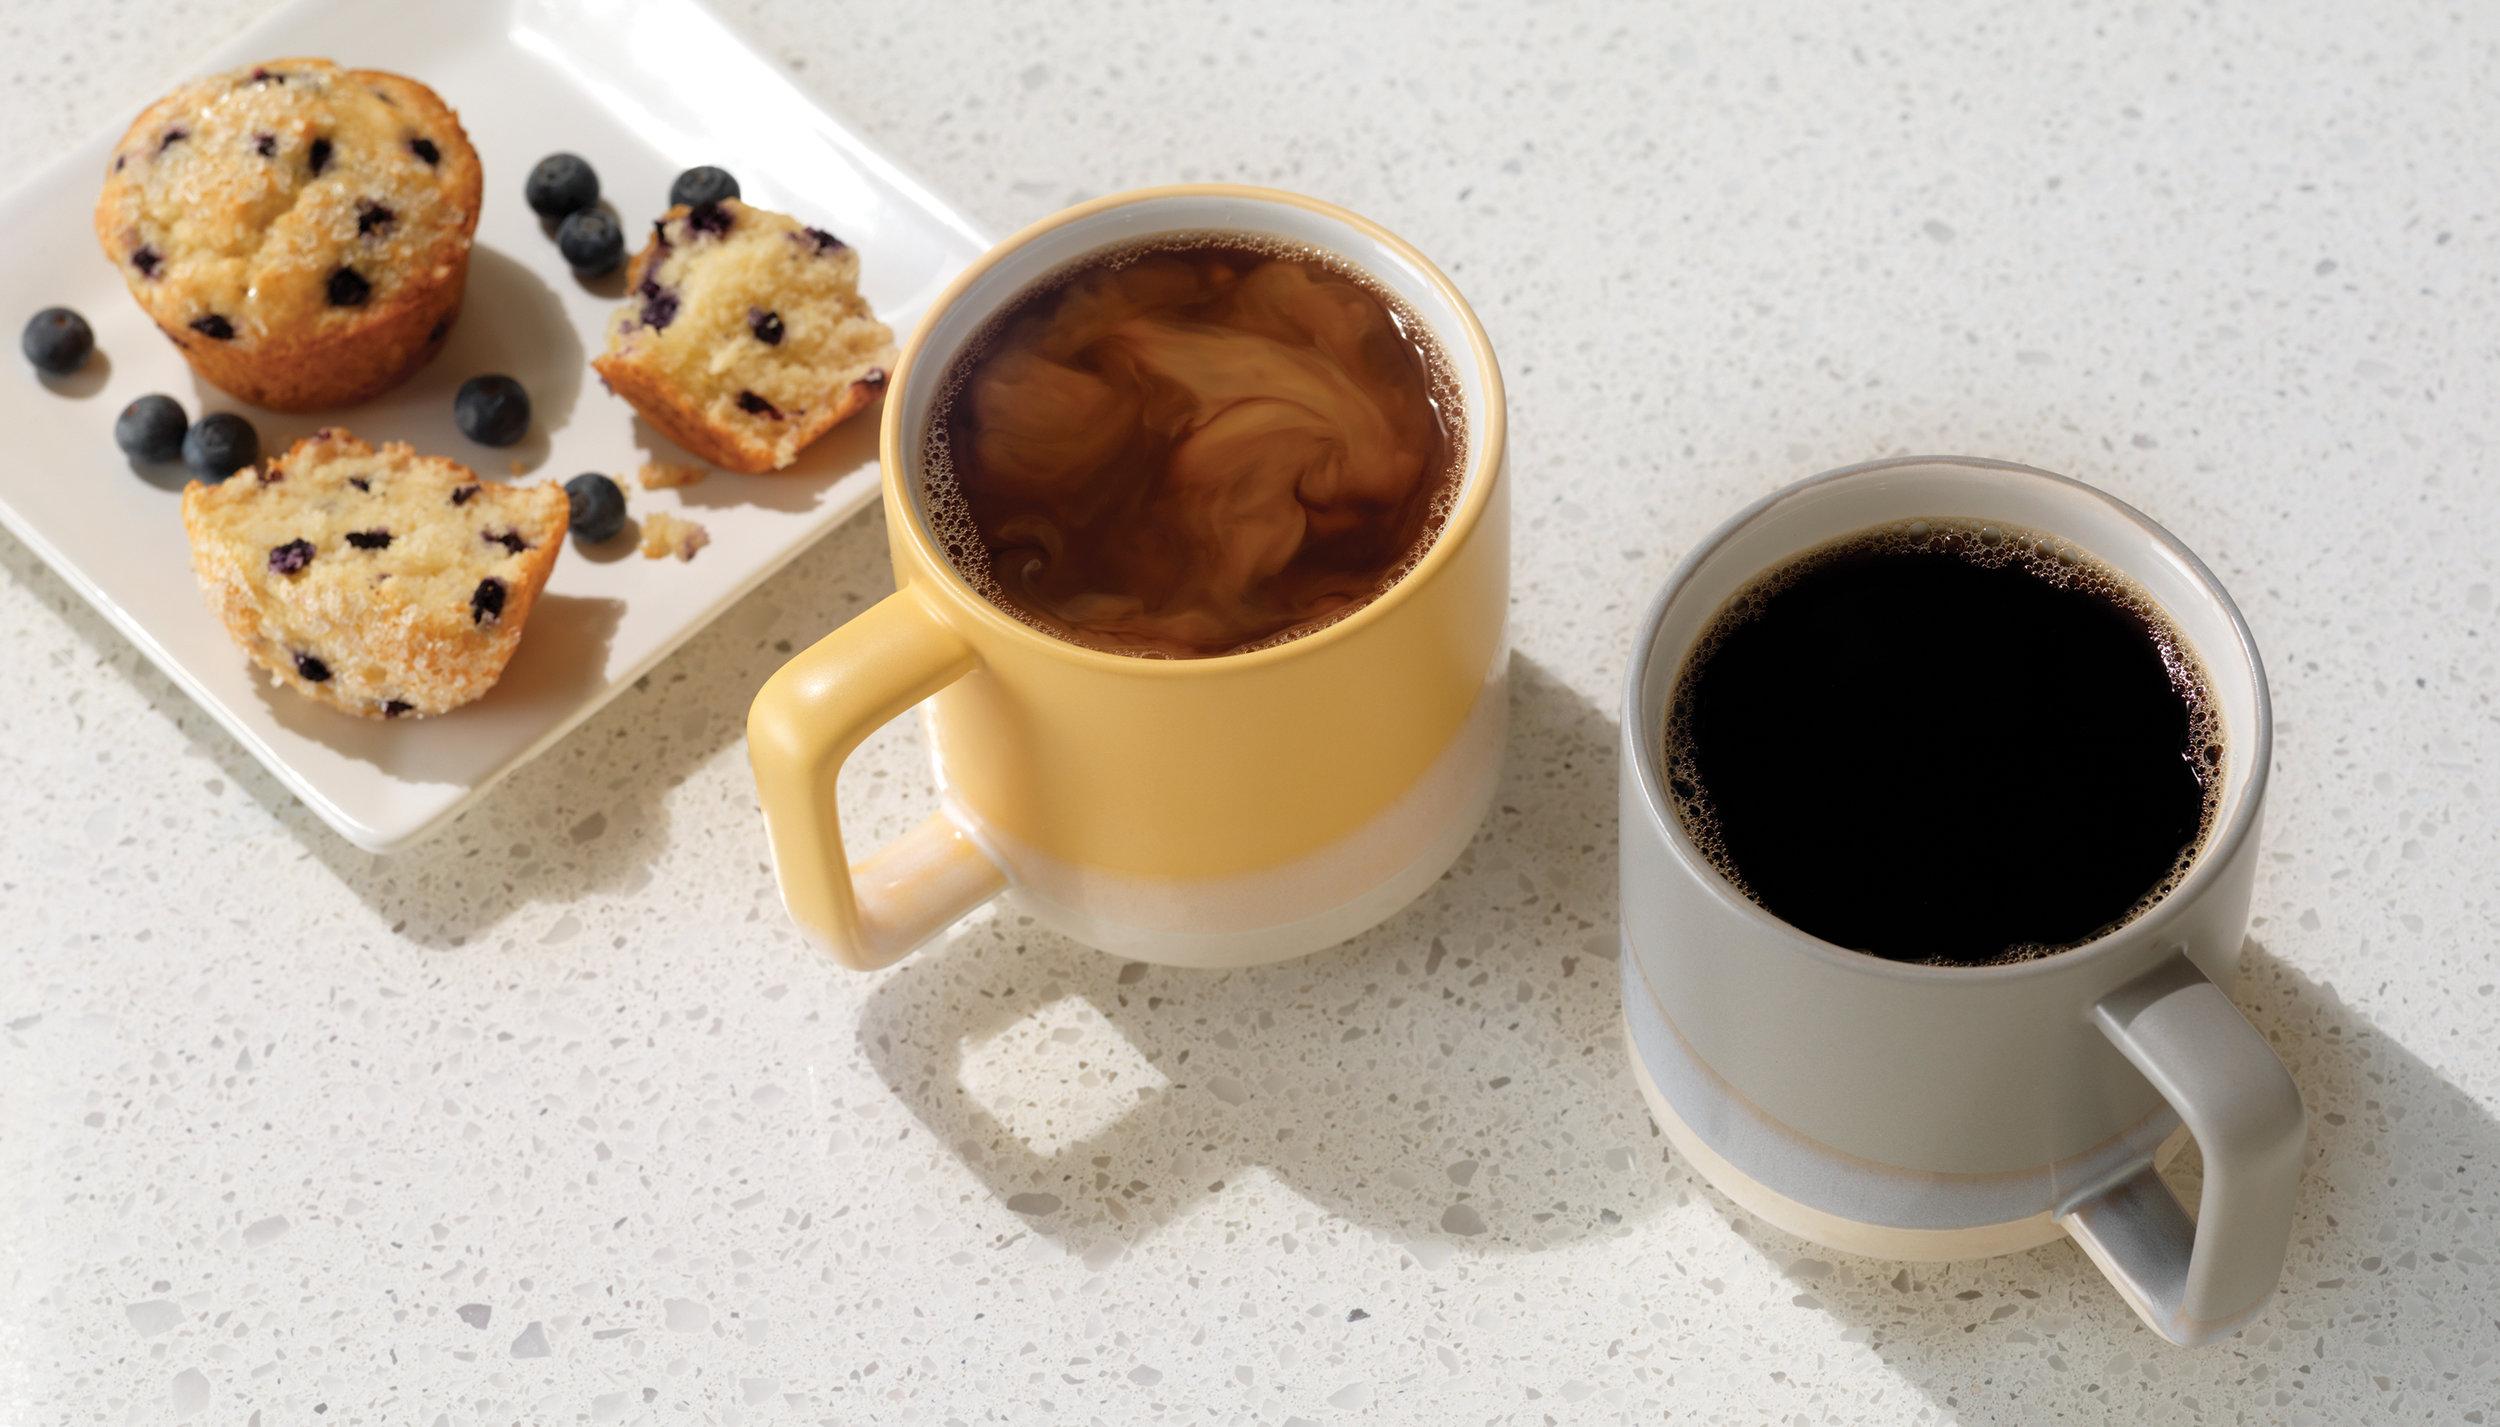 181205_Starbucks_Meijer_Header_RT_R2.jpg